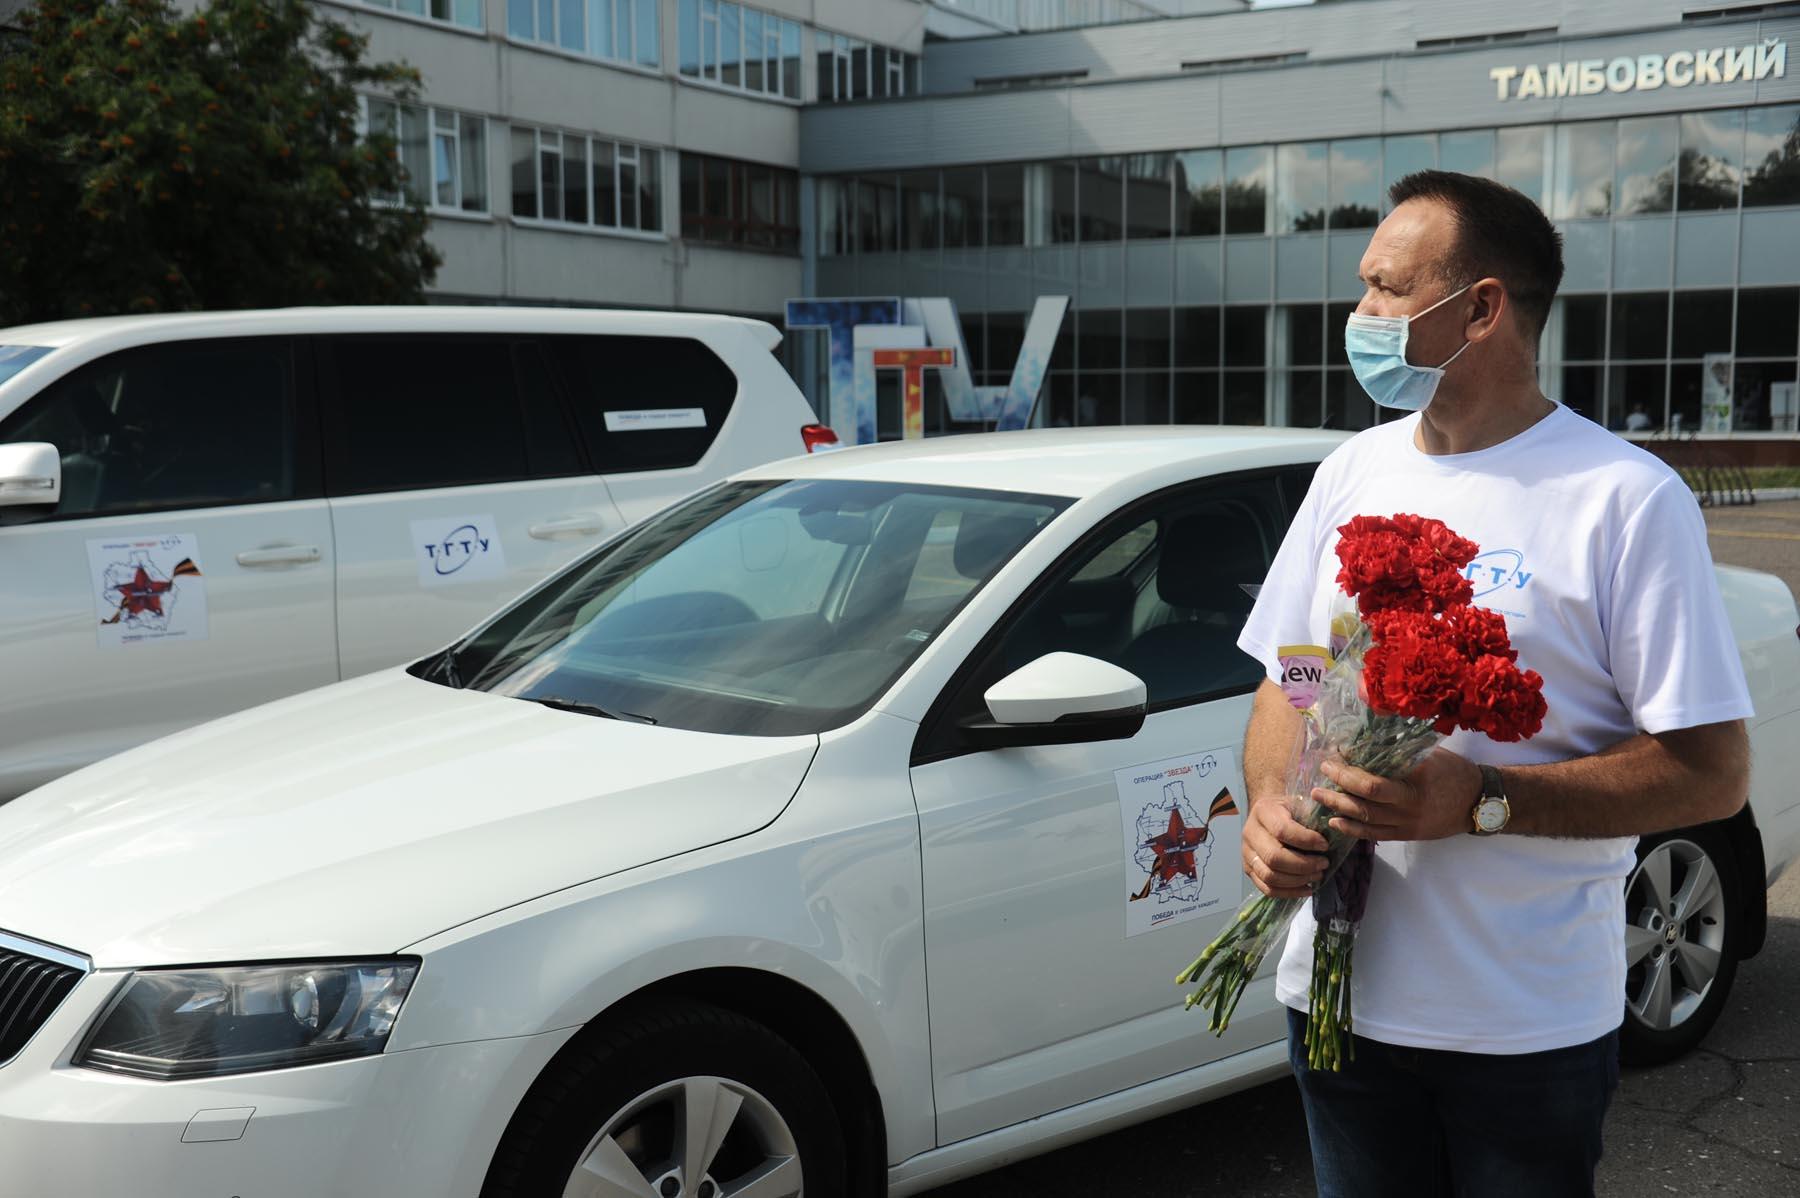 ТГТУ организовал автопробег в честь 75-летия Победы